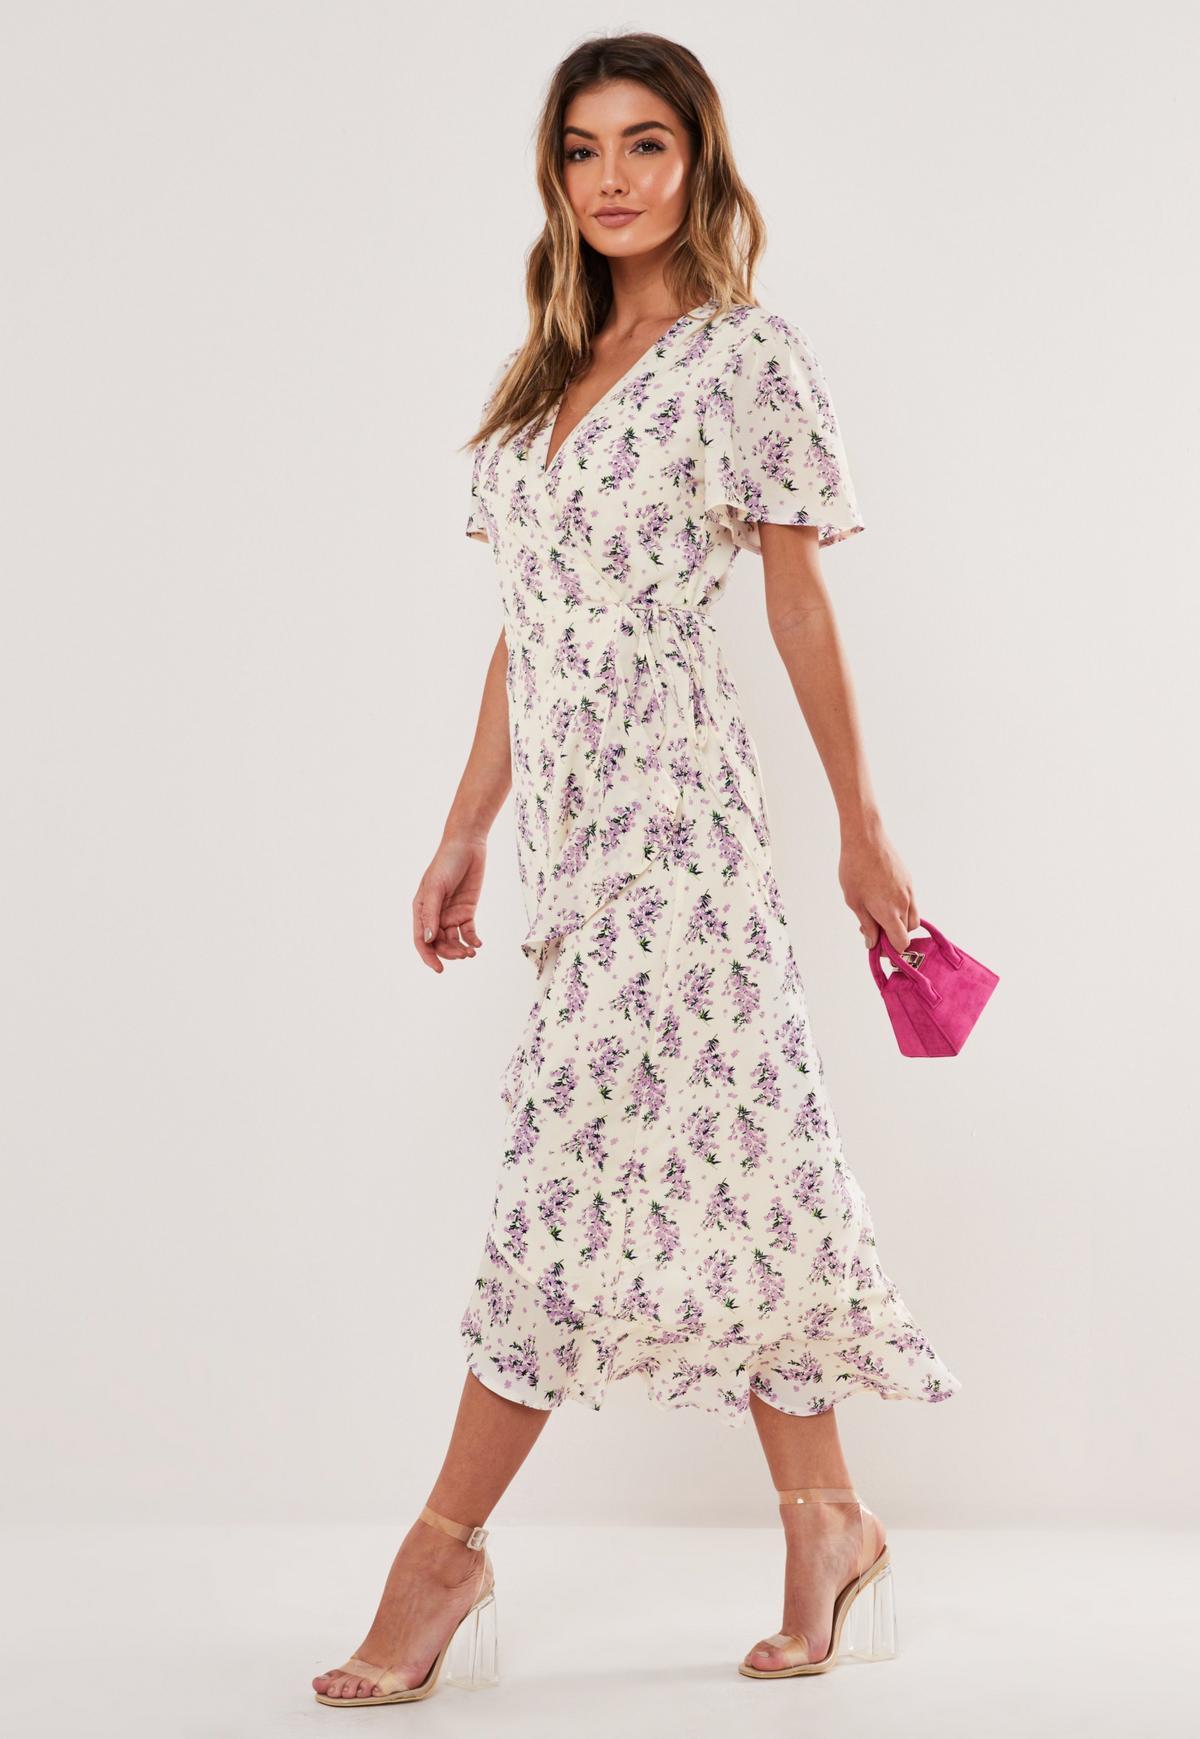 Tall Cream Lace Midi Dress - Tall from Little Mistress UK